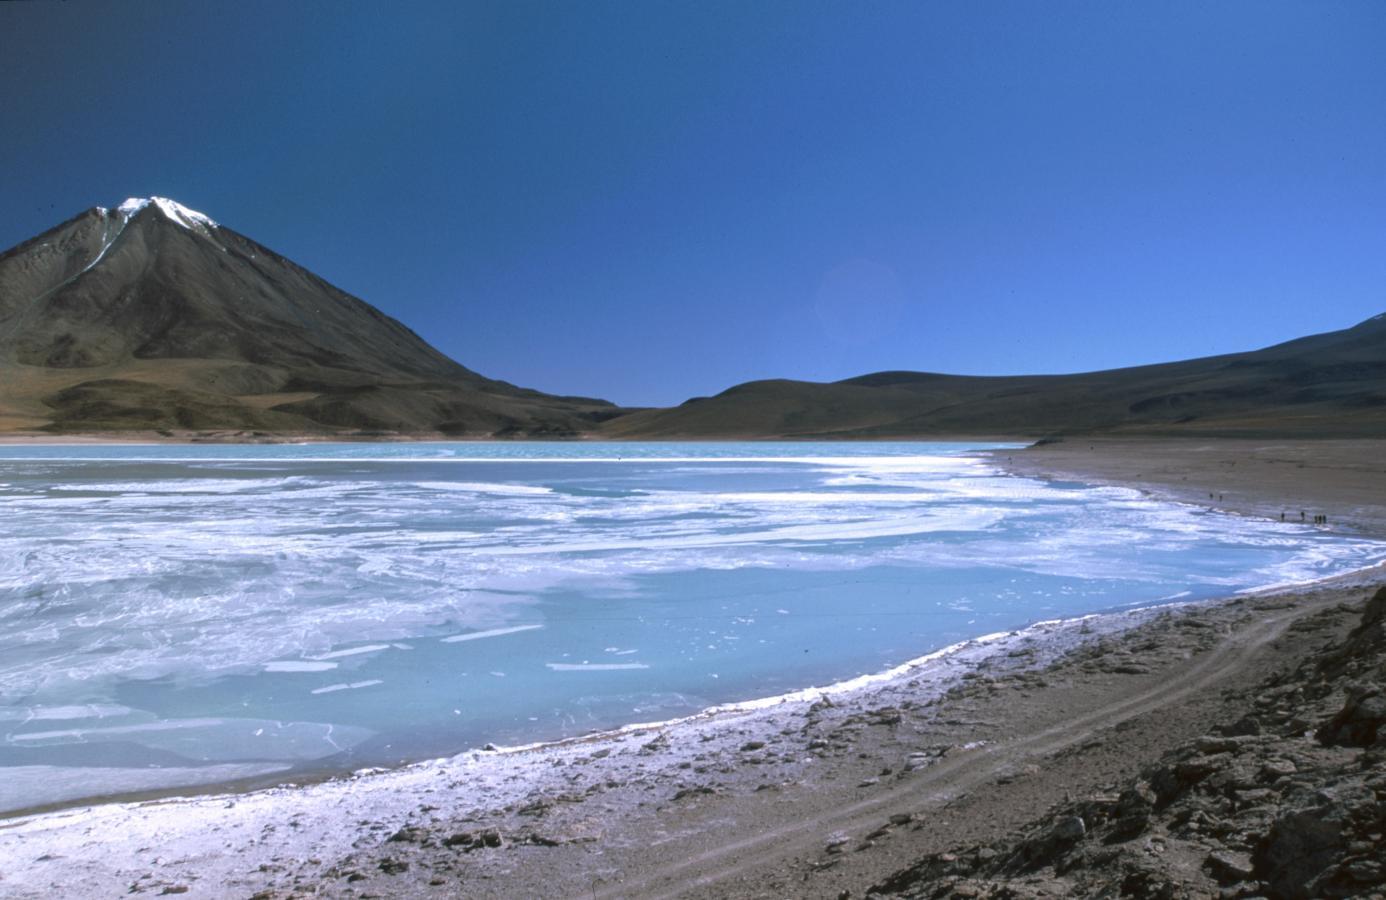 lama-glama-20-bolivia-2001